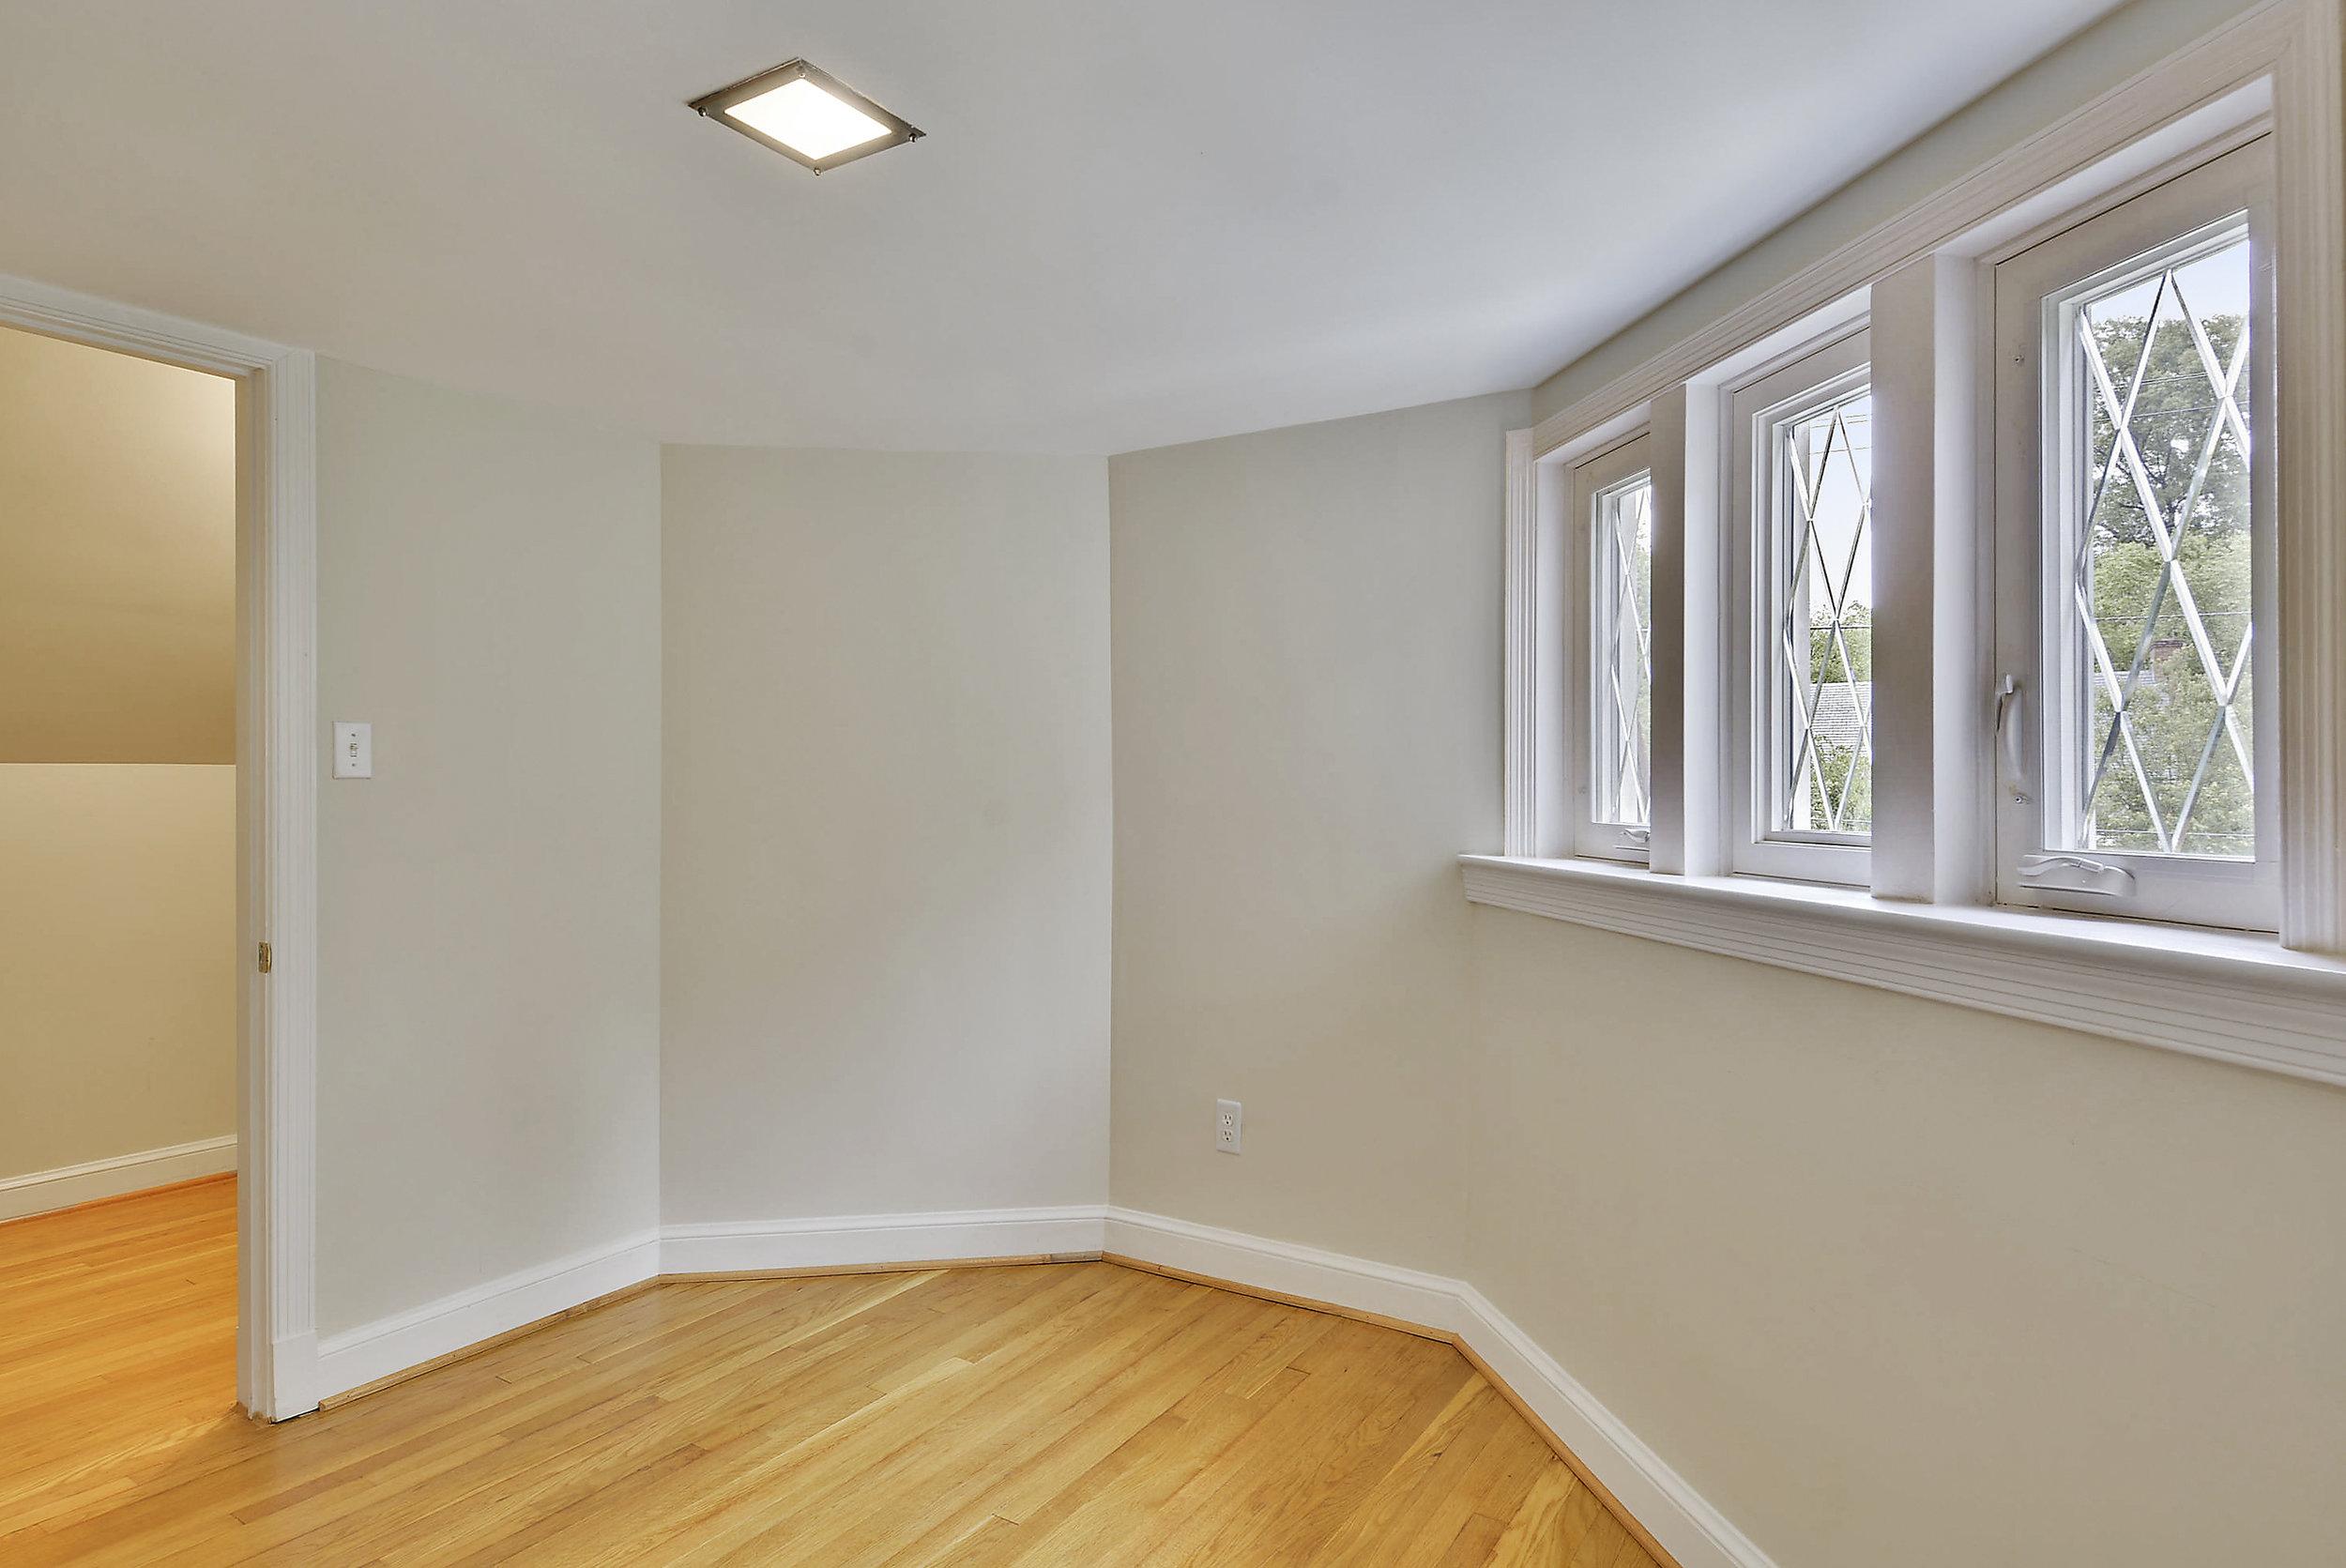 Upper Level-Bedroom-_DSC5955.JPG